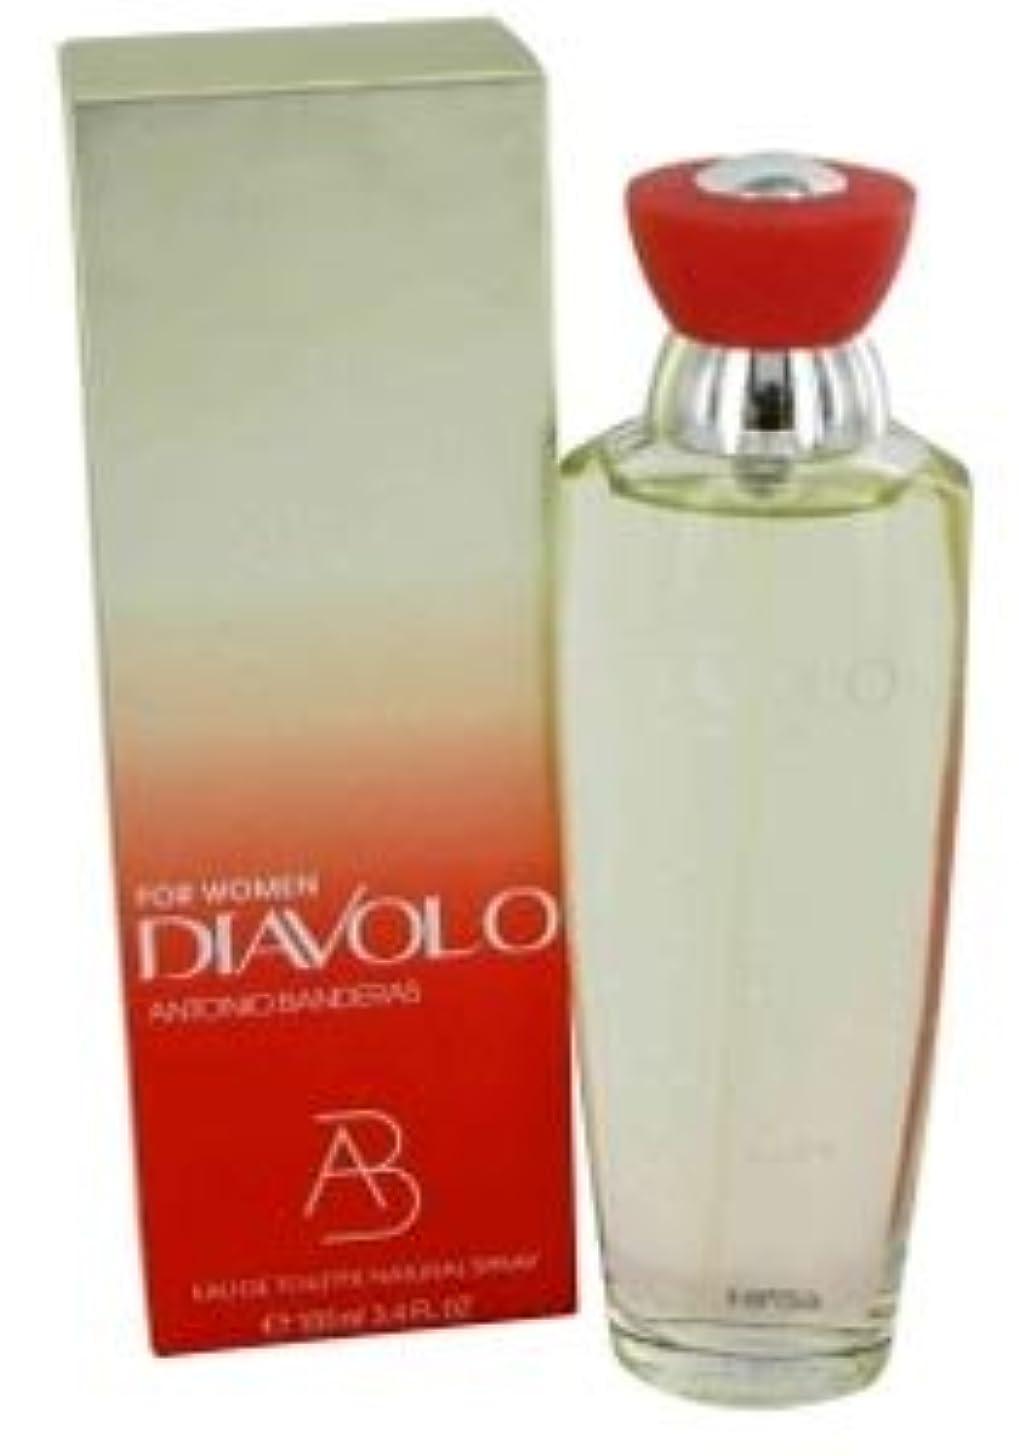 薄いです農業ましいDiavolo (ディアボロ) 3.4 oz (100ml) EDT Spray by Antonio Banderas for Women